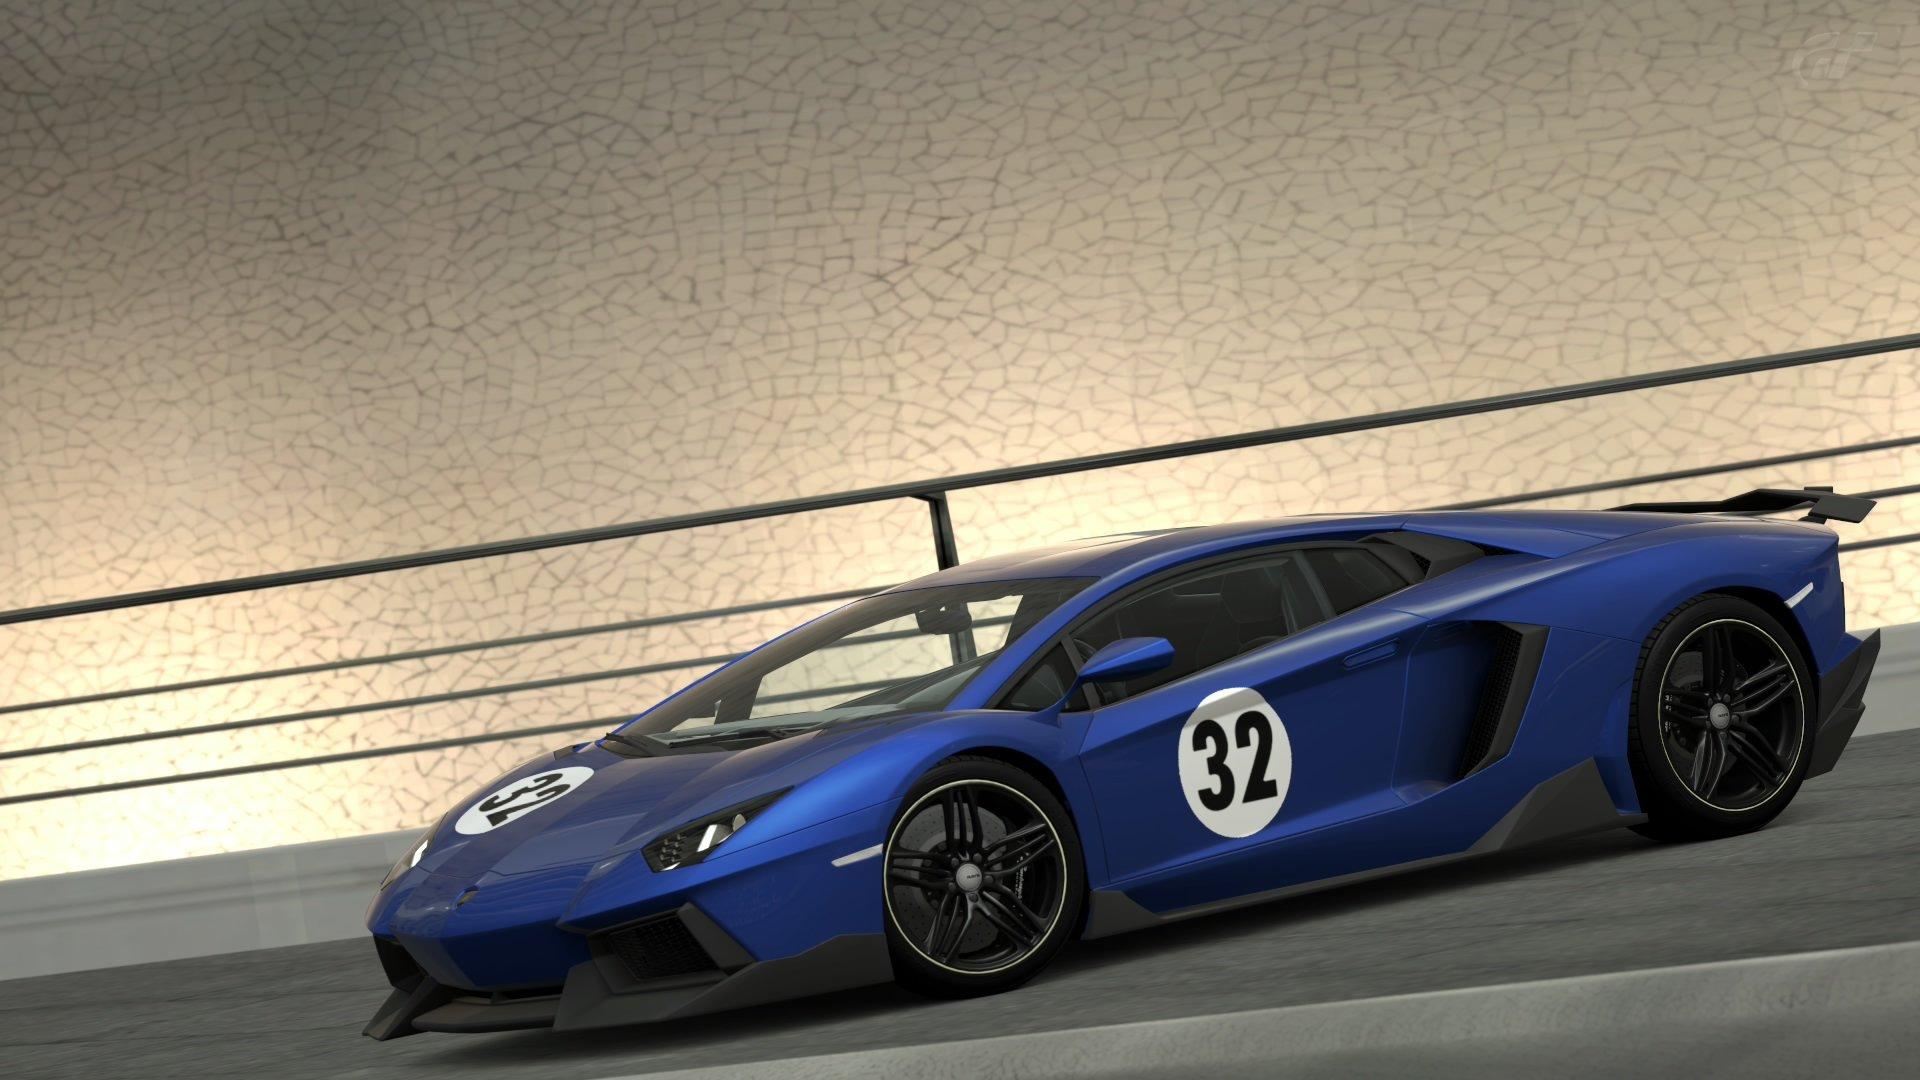 Wallpaper 1920x1080 Px Car Gran Turismo 6 Lamborghini Aventador